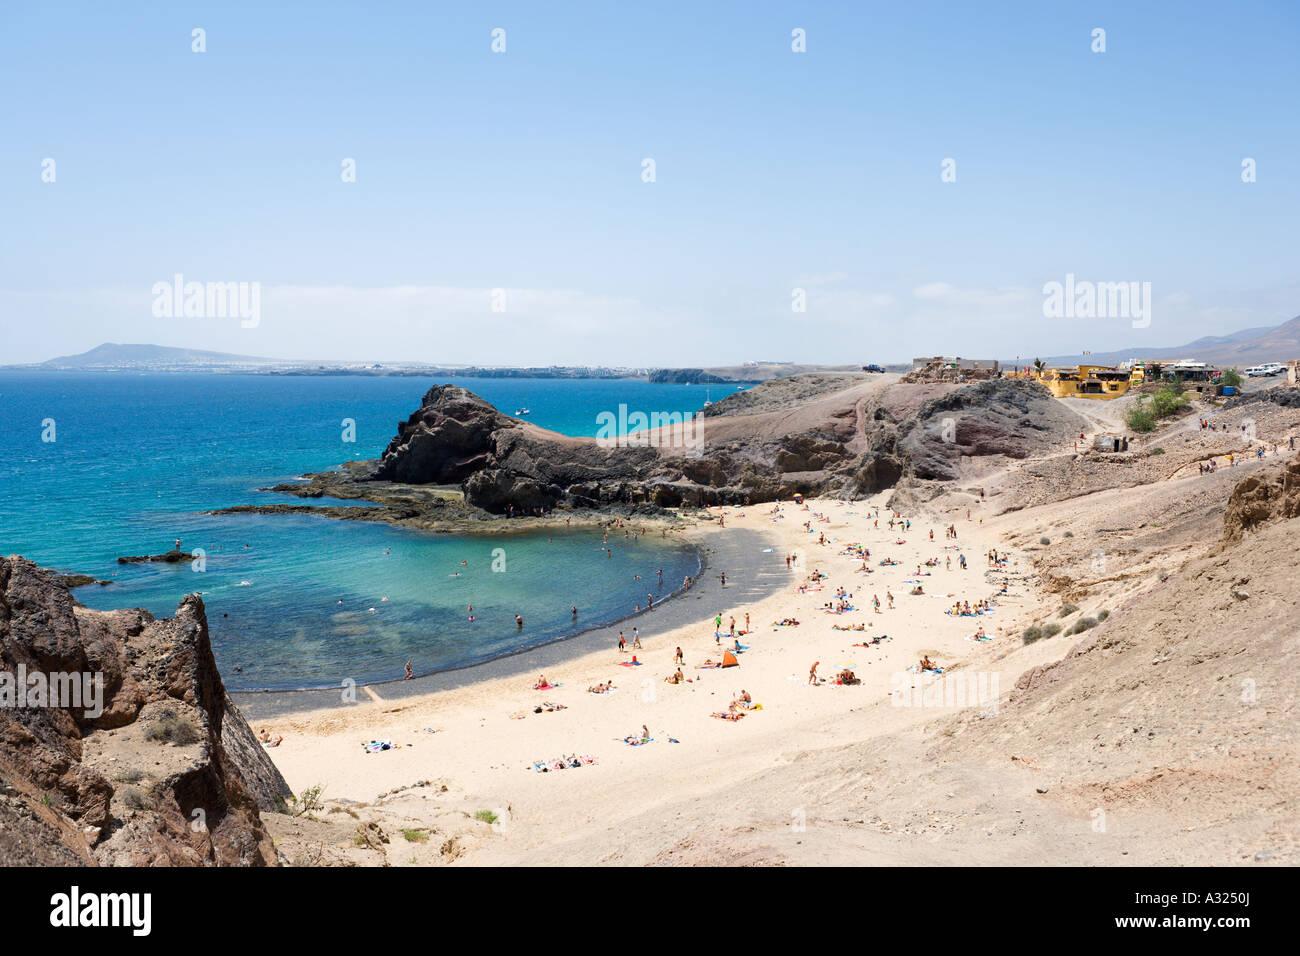 Playa de Papagayo in der Nähe von Playa Blanca, Lanzarote, Kanarische Inseln, Spanien Stockbild